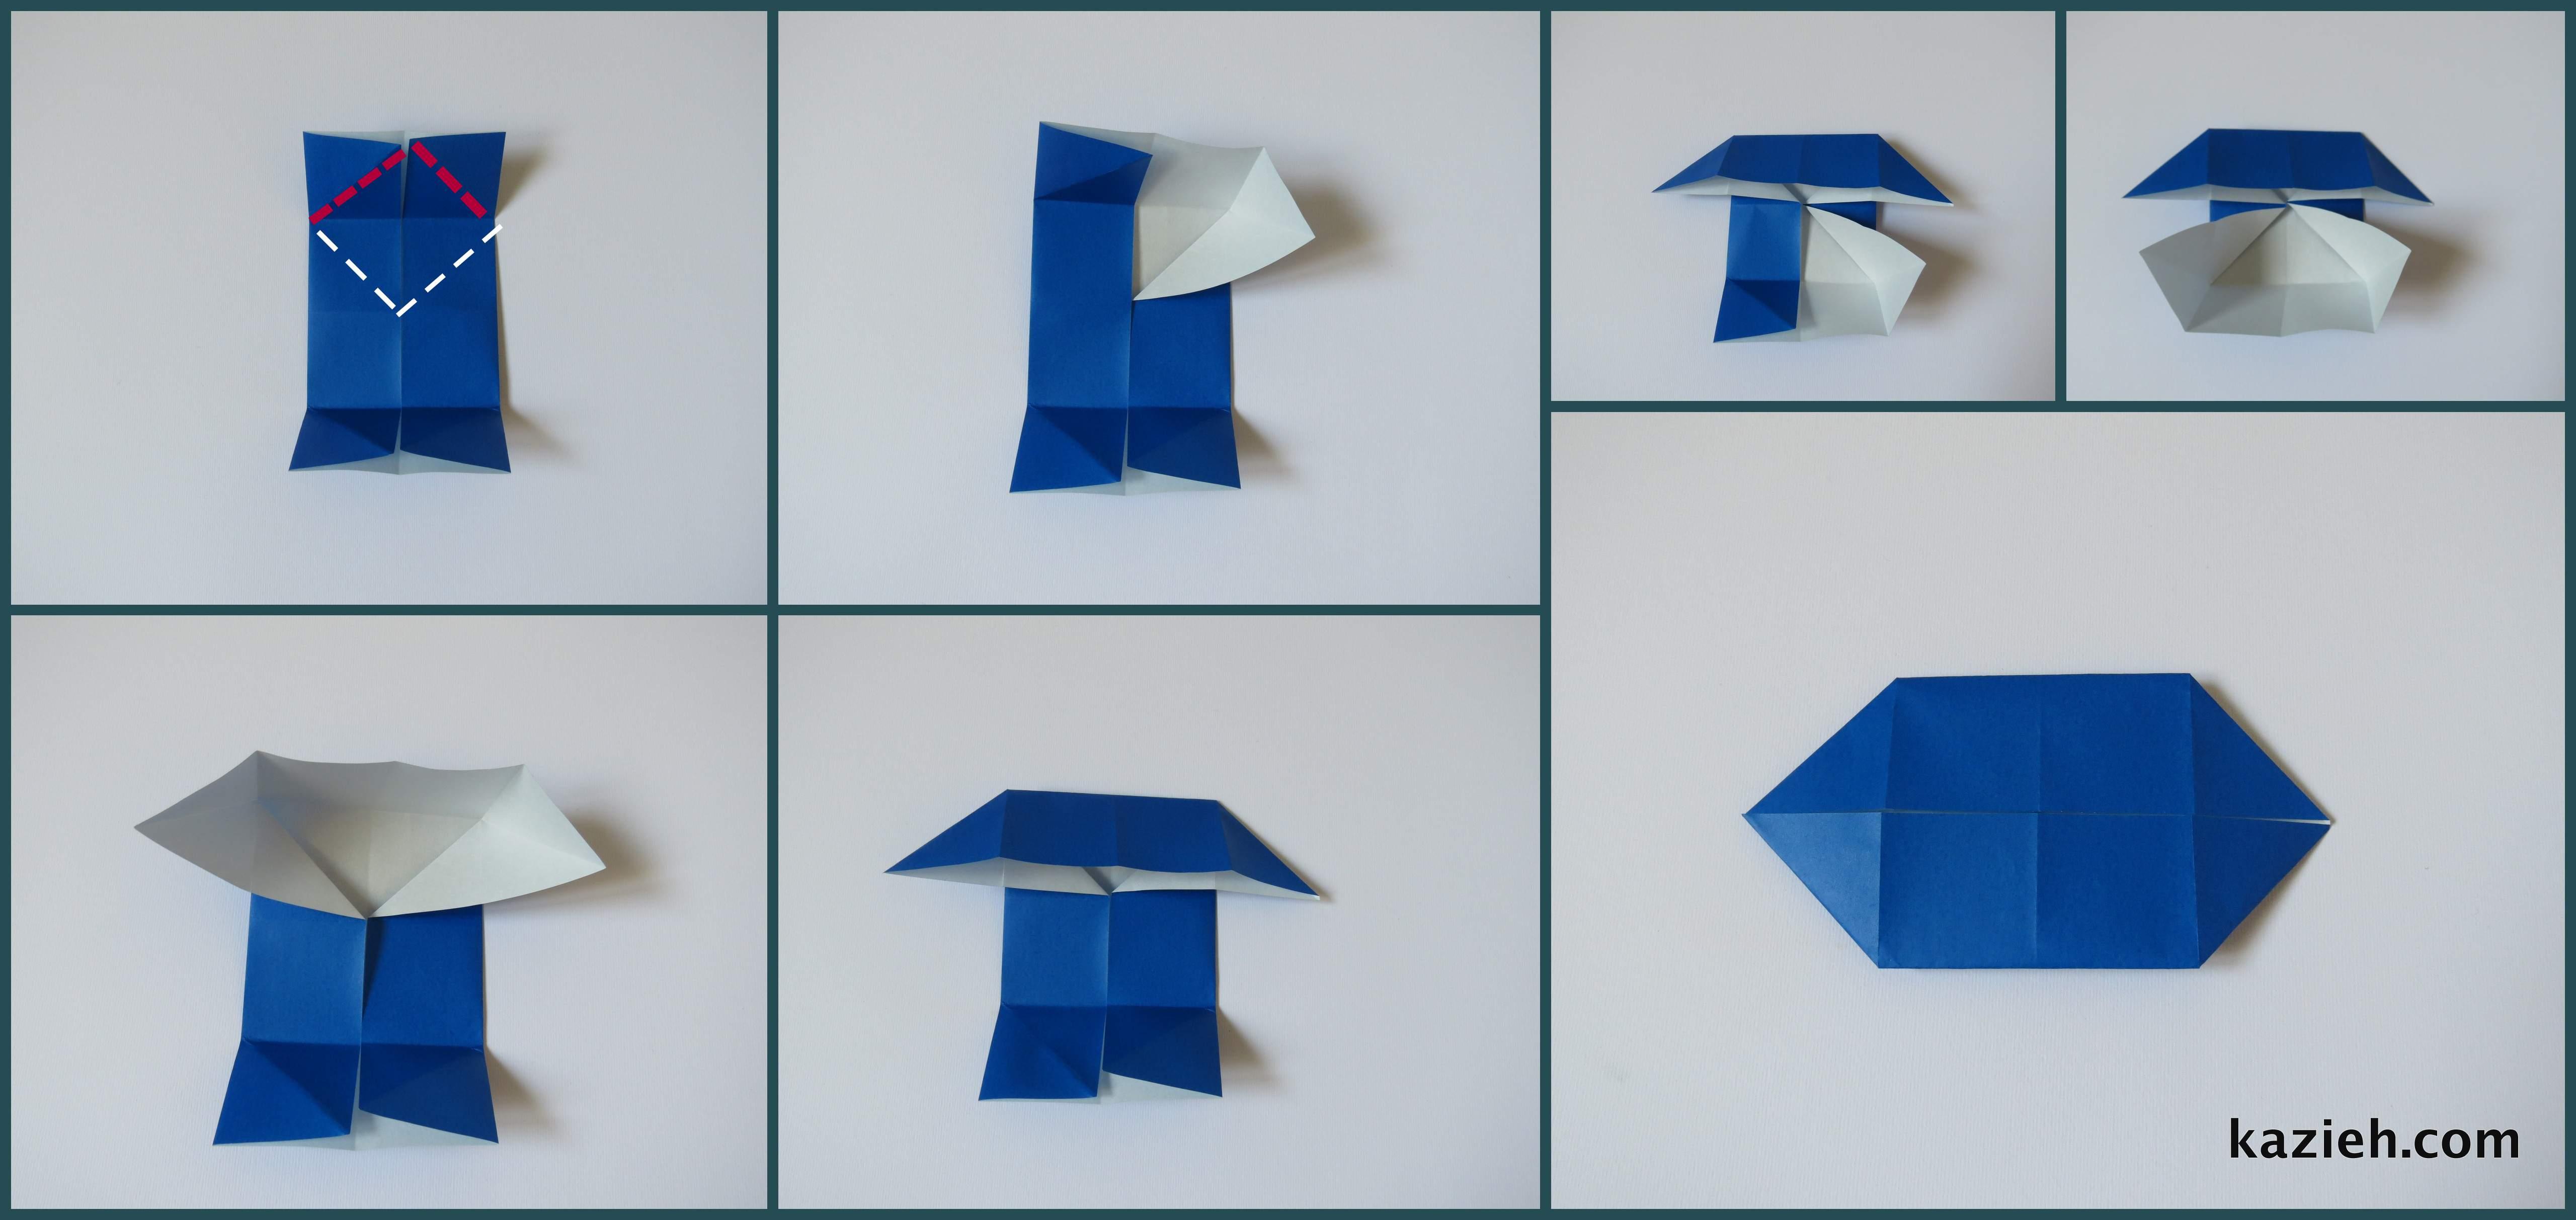 آموزش پروانه اوریگامی ساده -مرحله دوم- کازیه